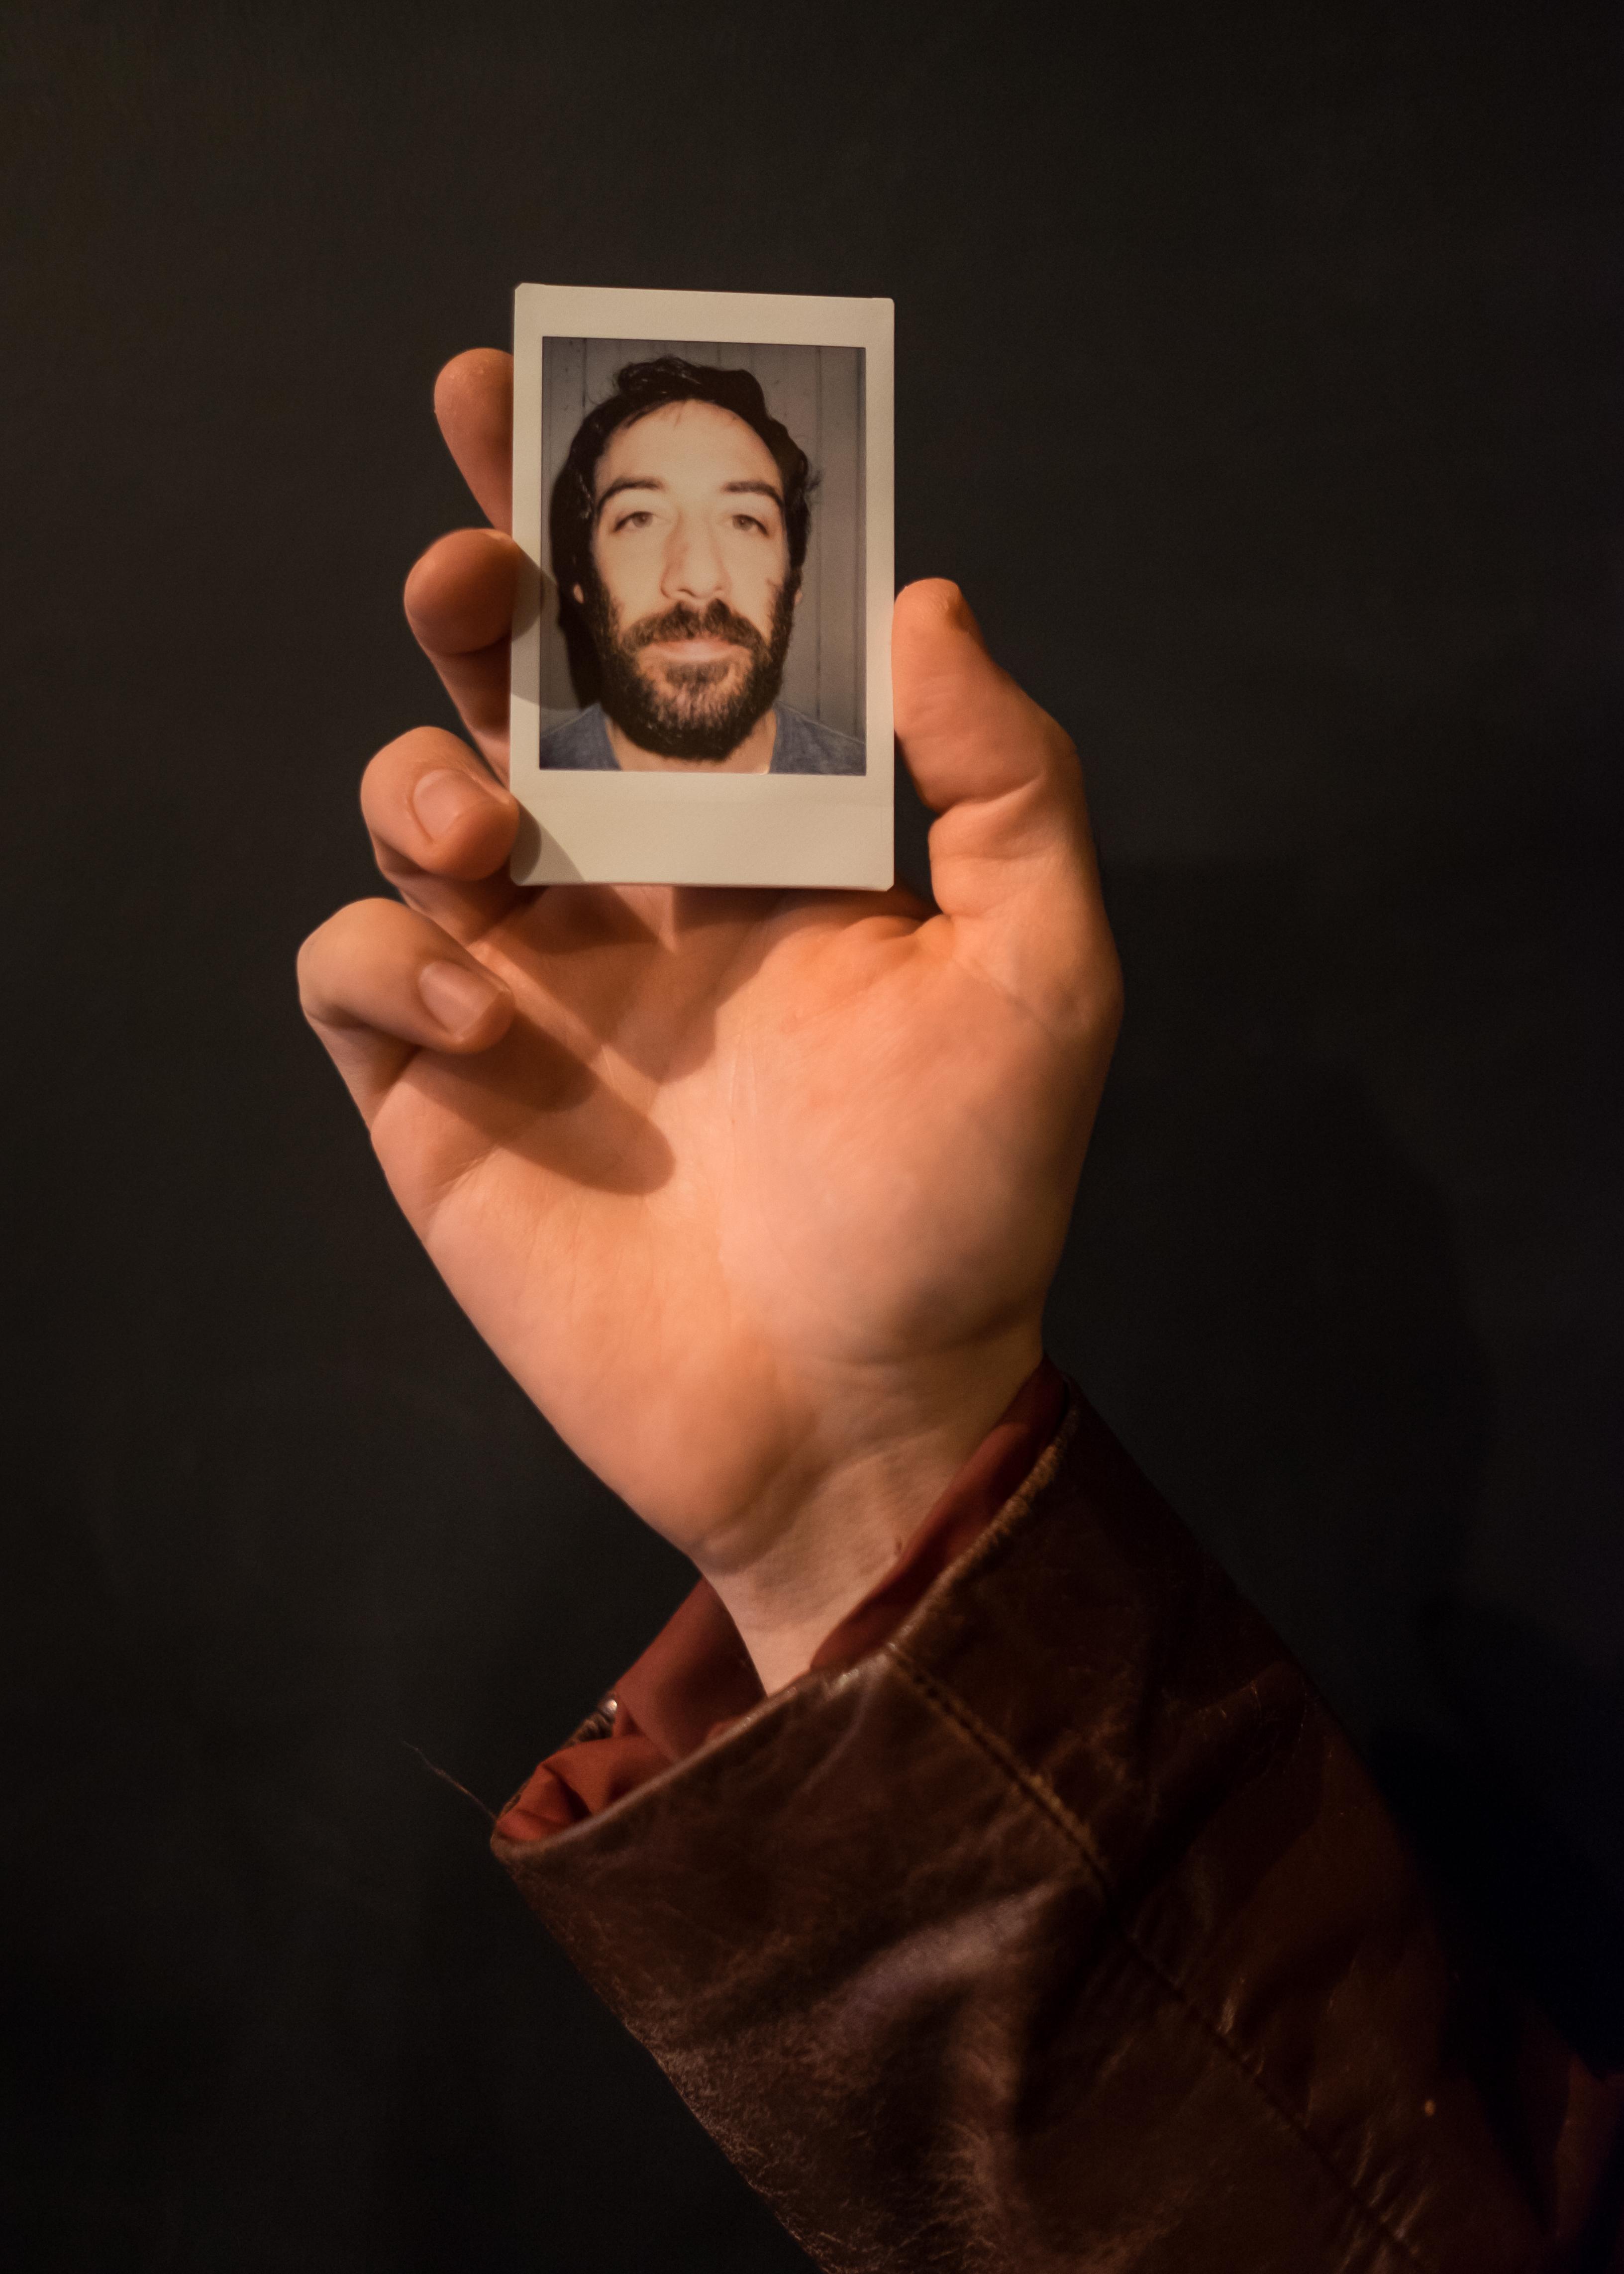 Olivier Bourget portrait dans la main-91